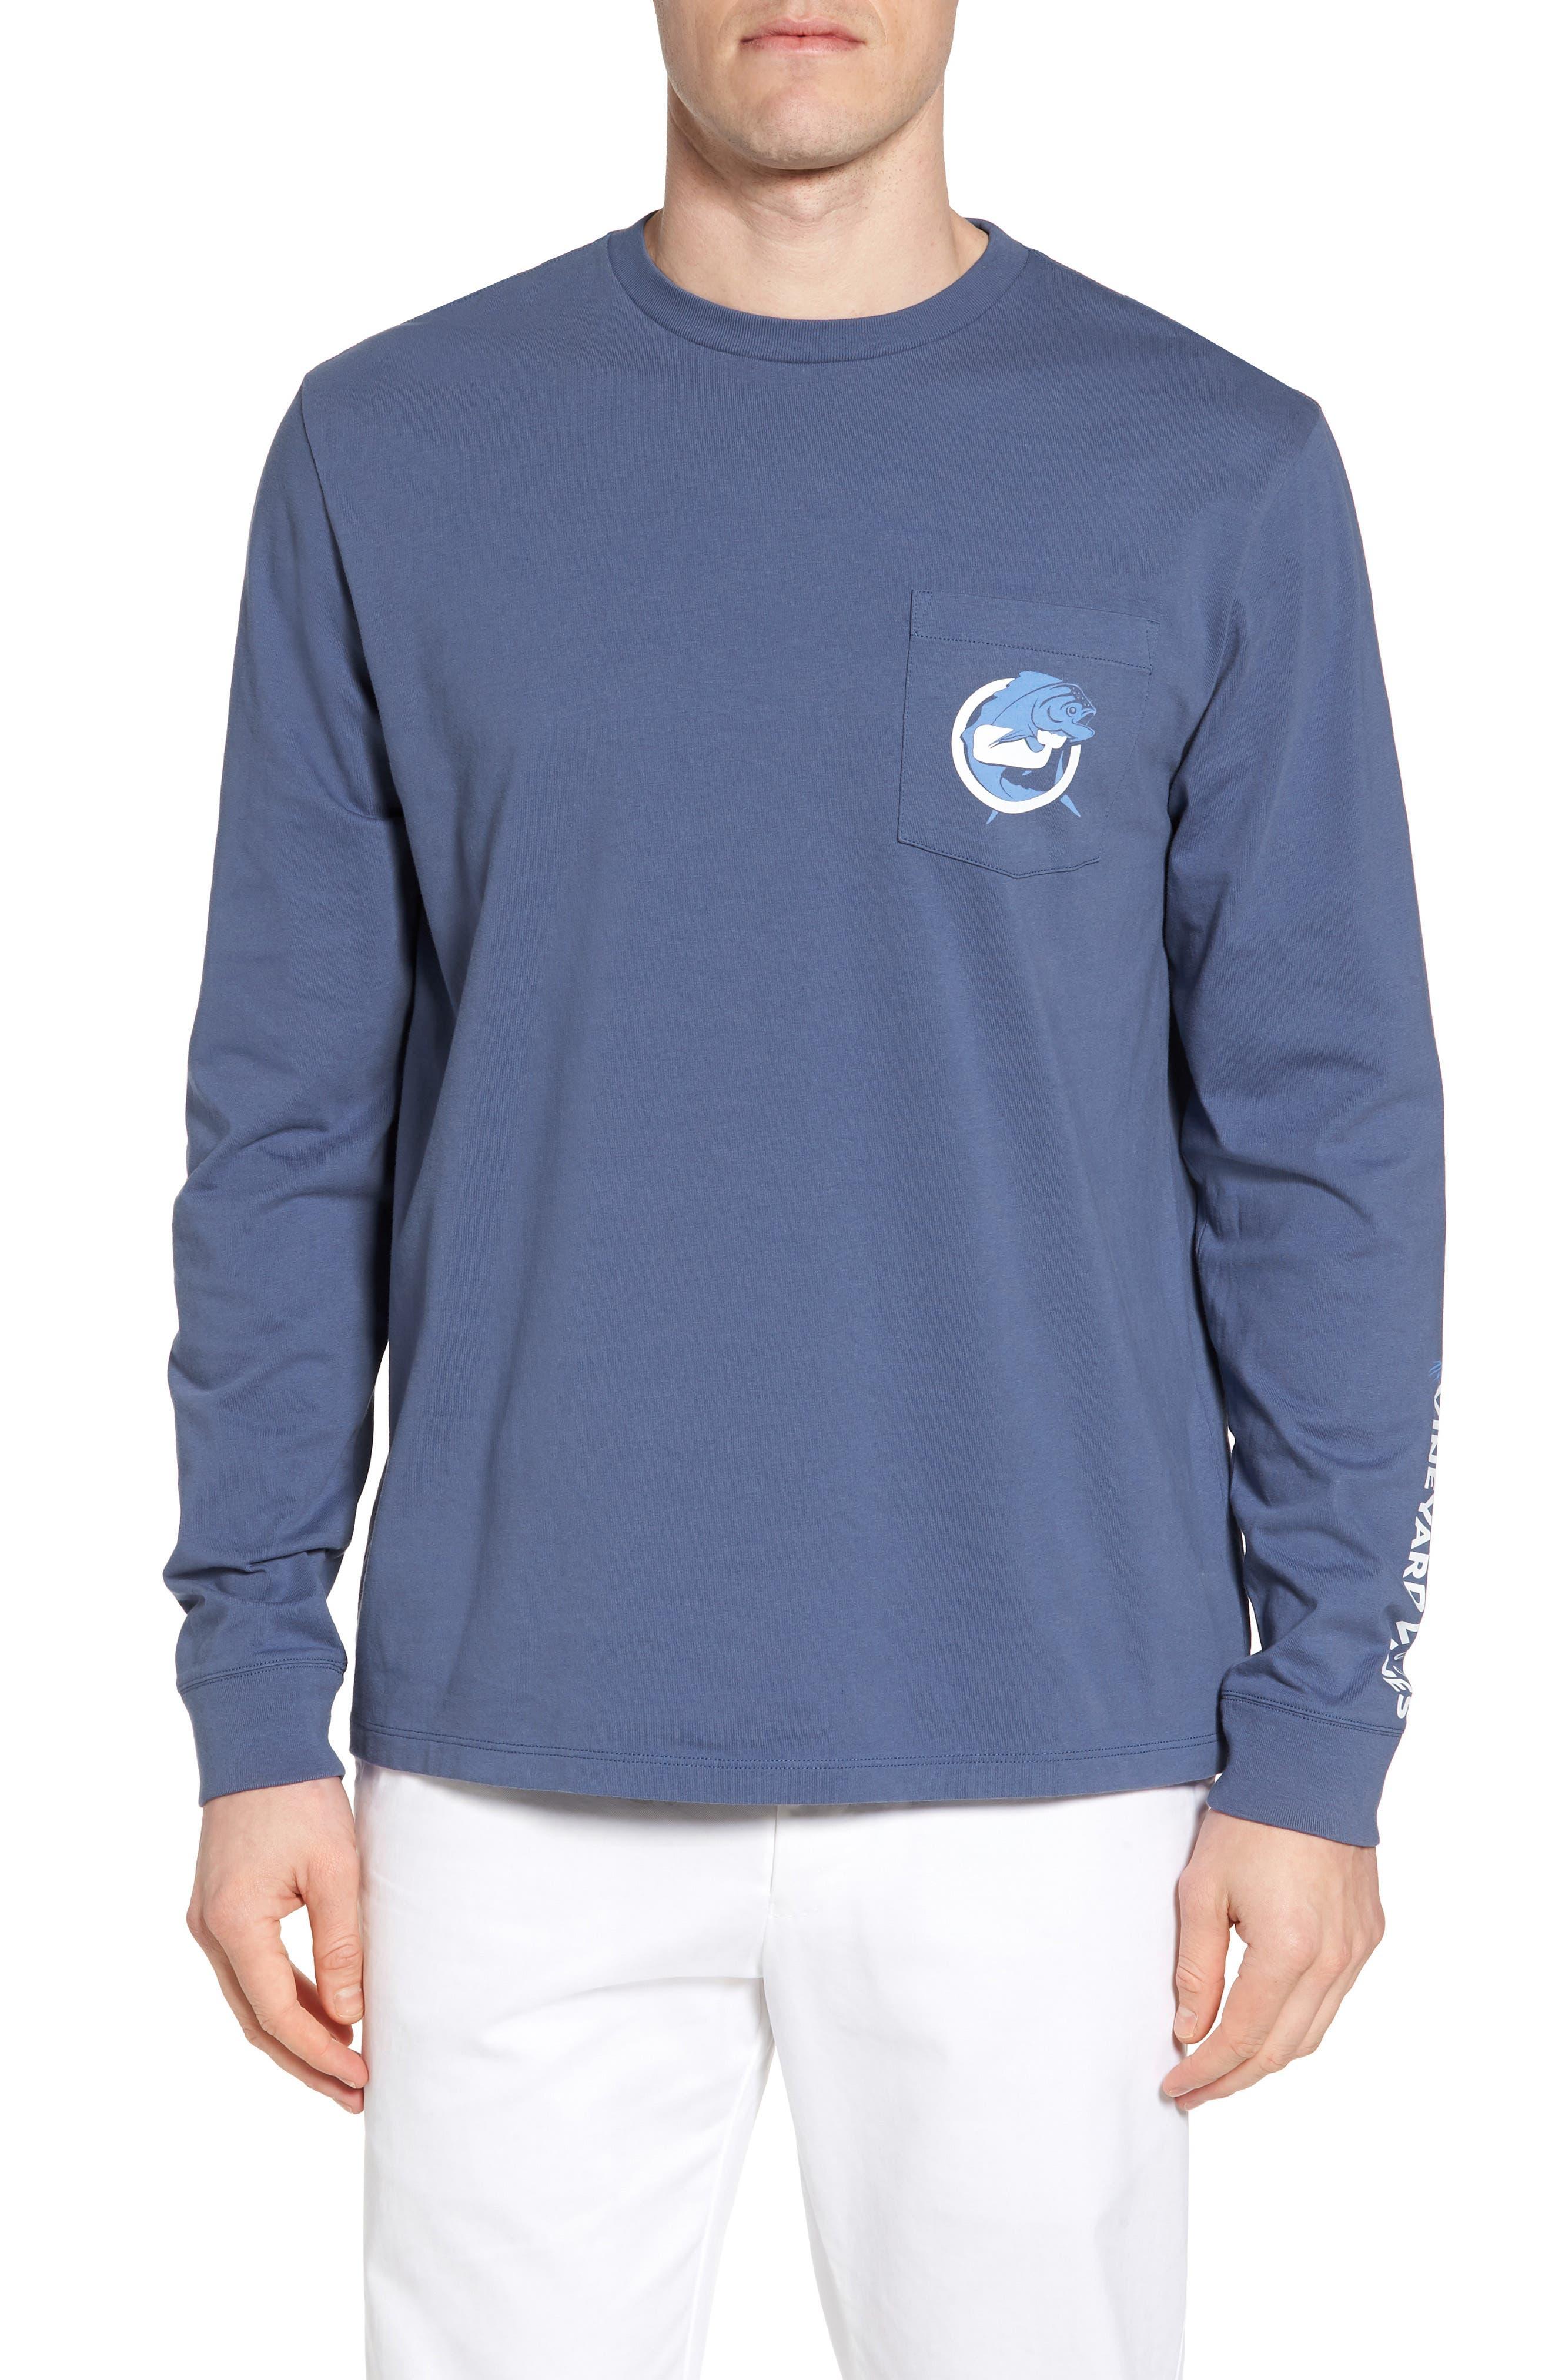 Mahi Long Sleeve T-Shirt,                         Main,                         color, 461